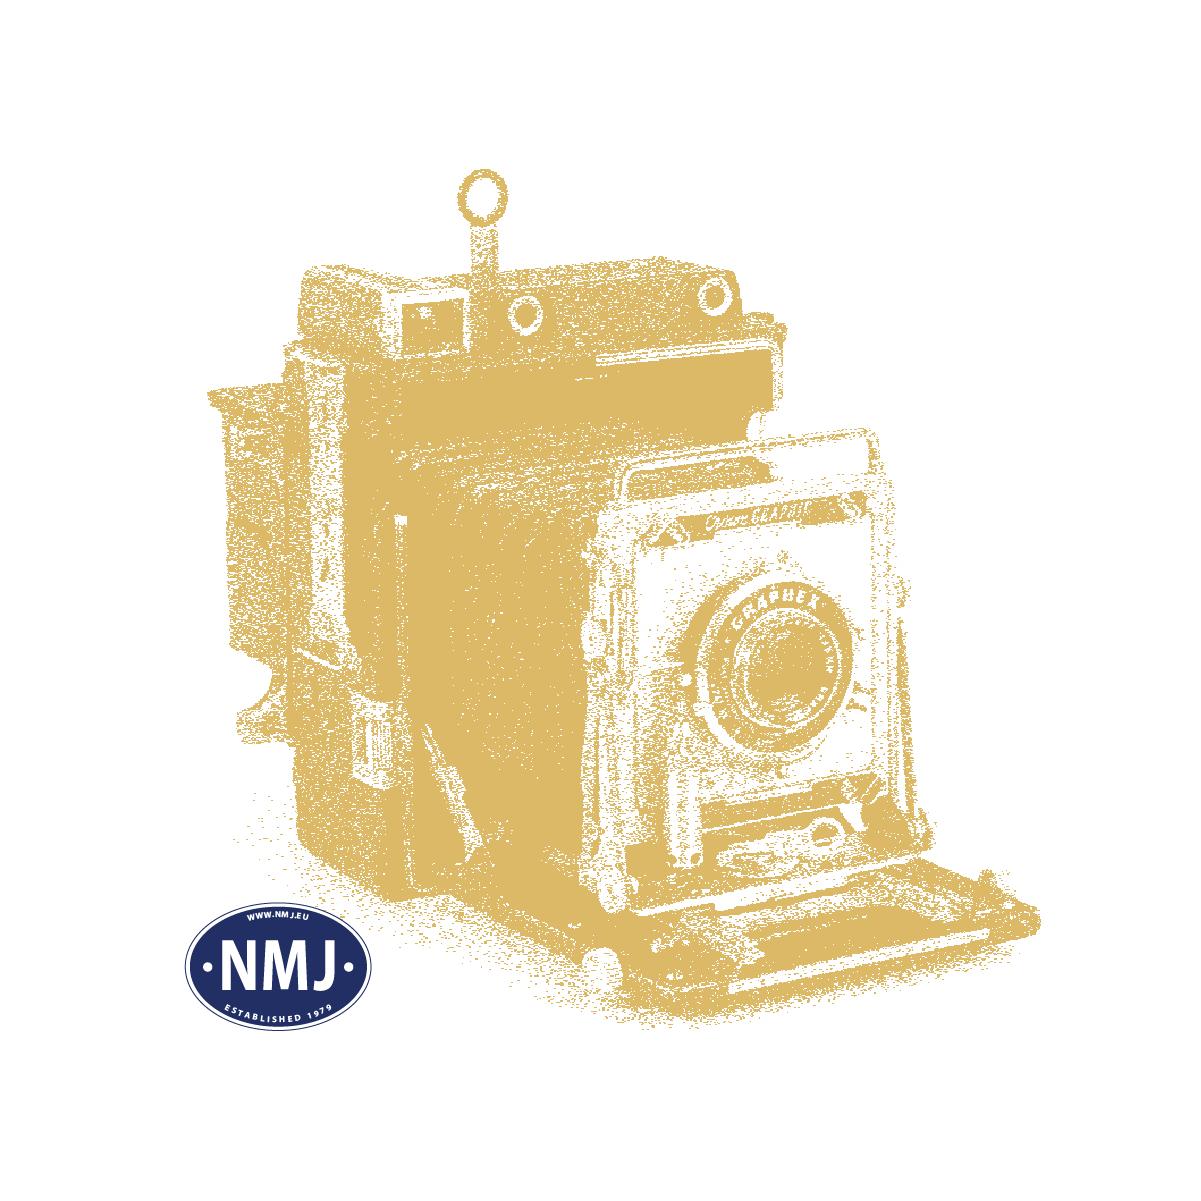 NOC15276 - Skinneleggere